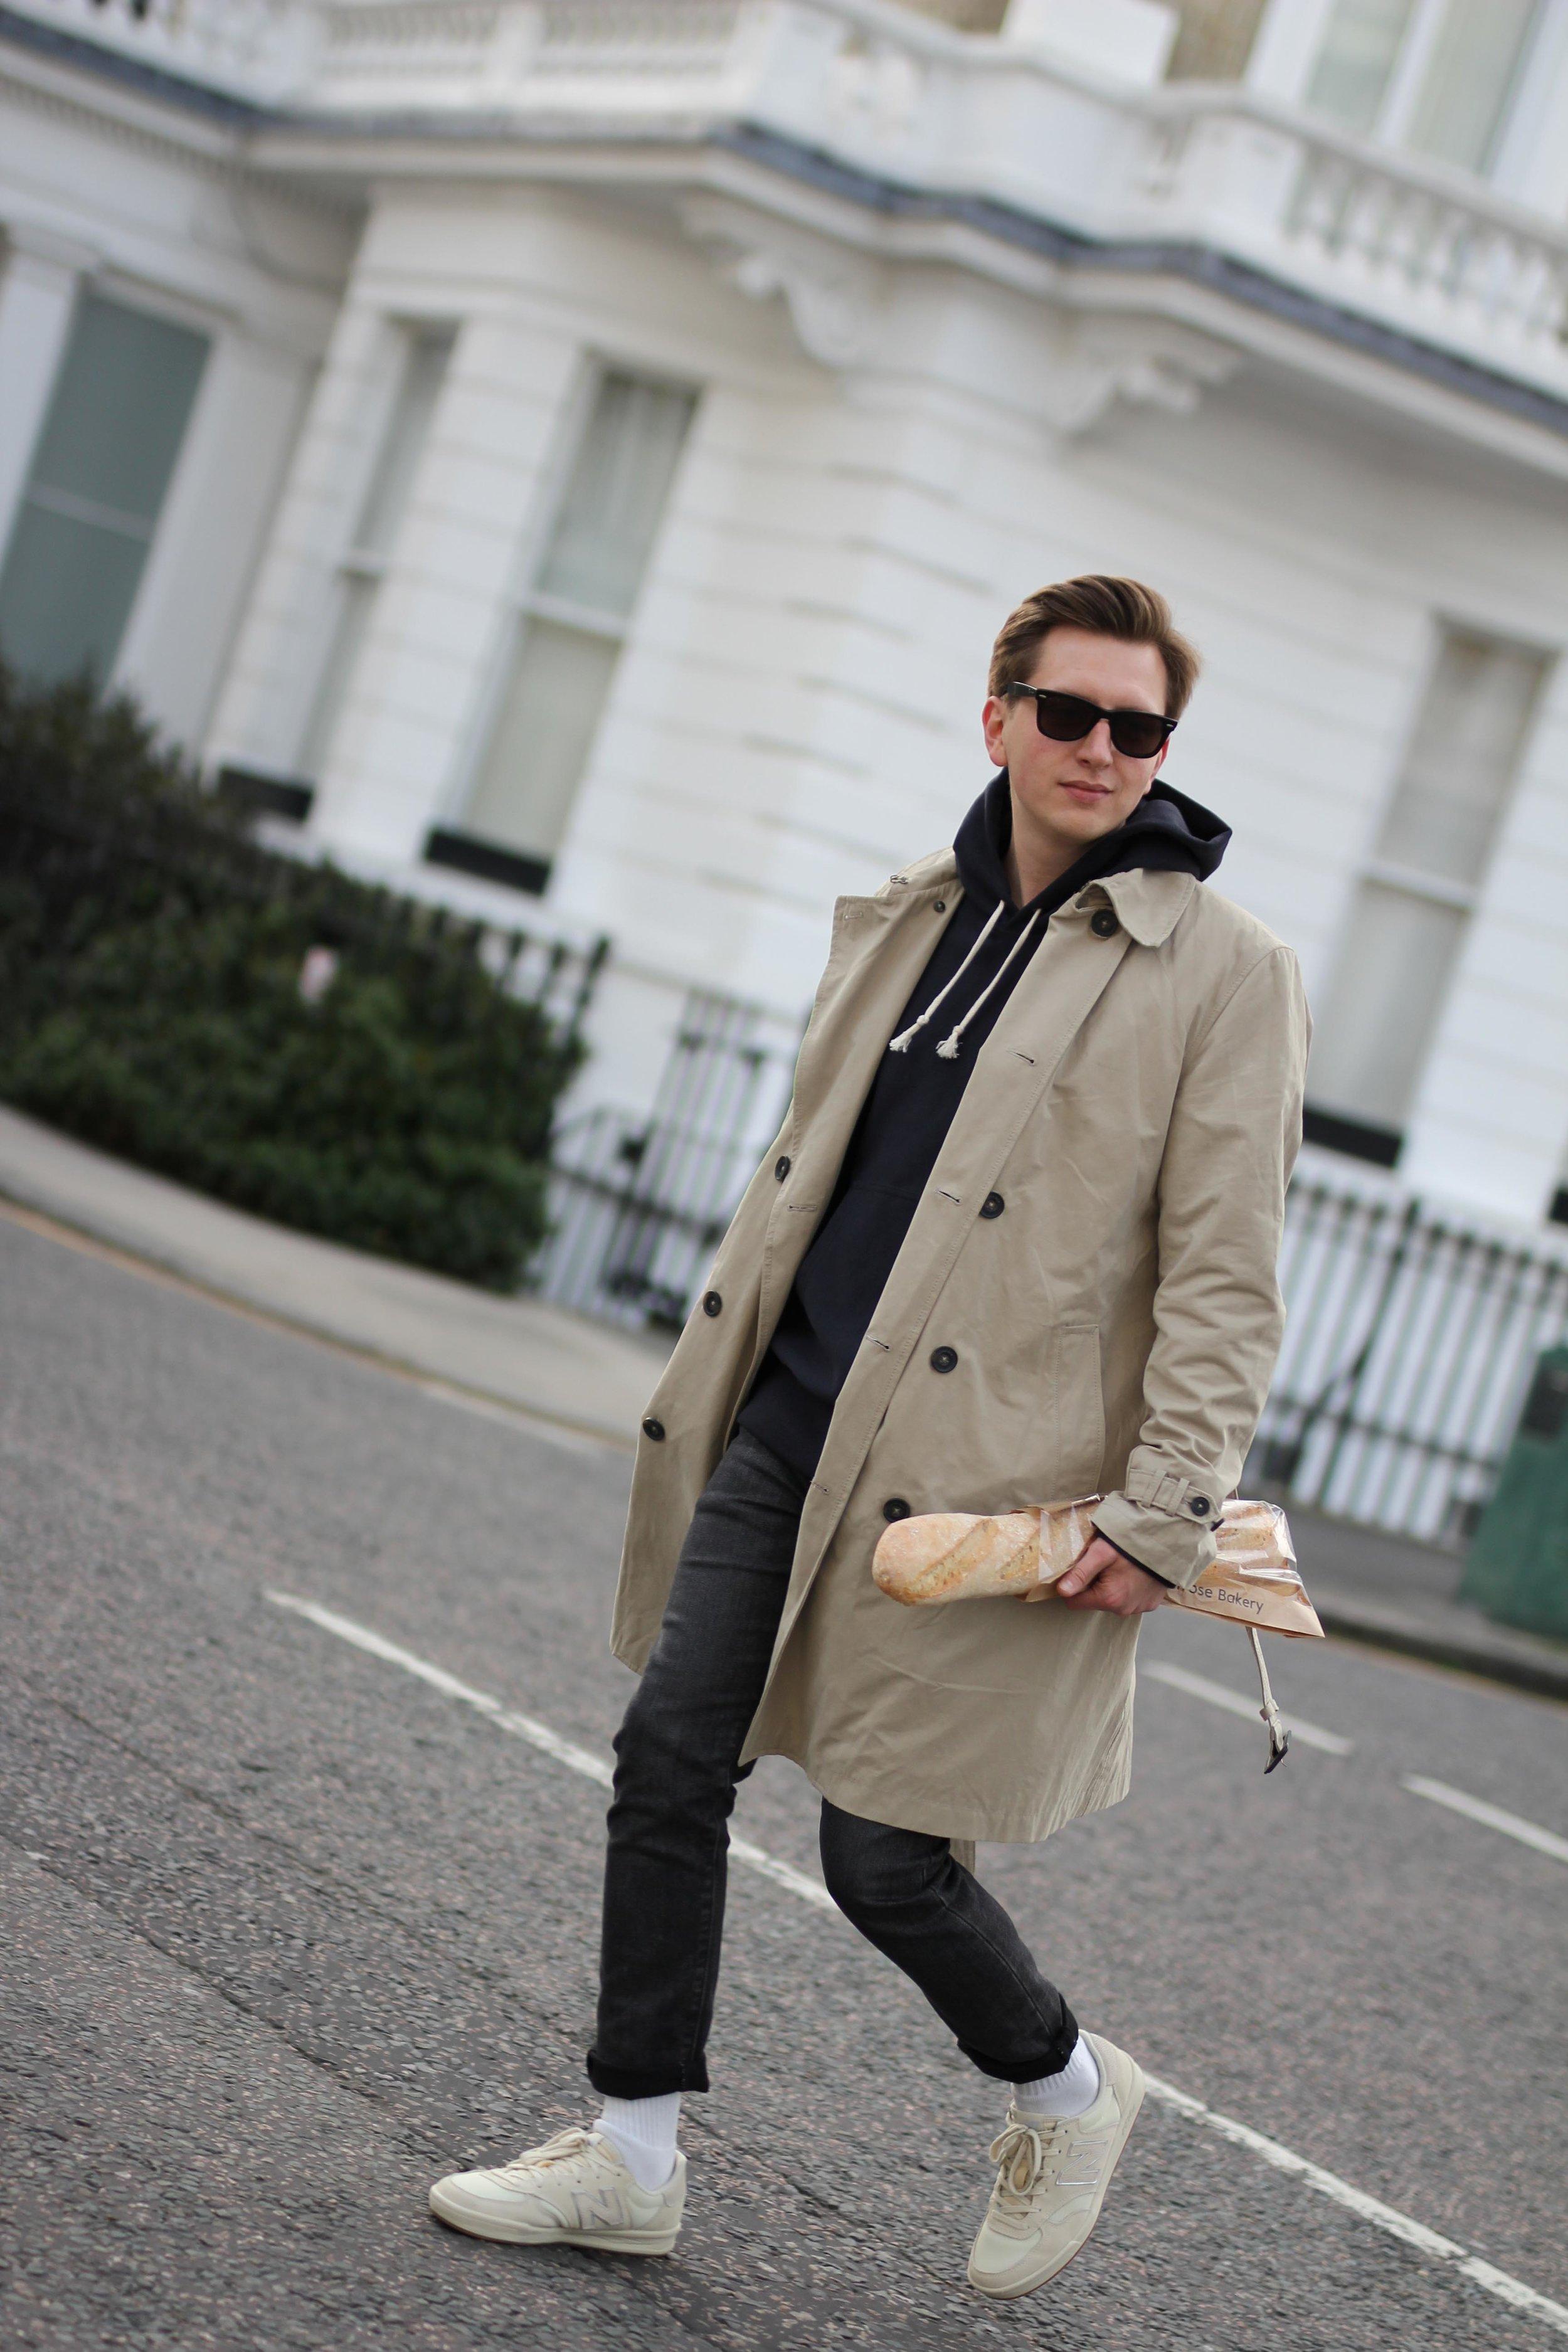 London_Chelsea_Baguette_ootd_menswear_notting_Hill